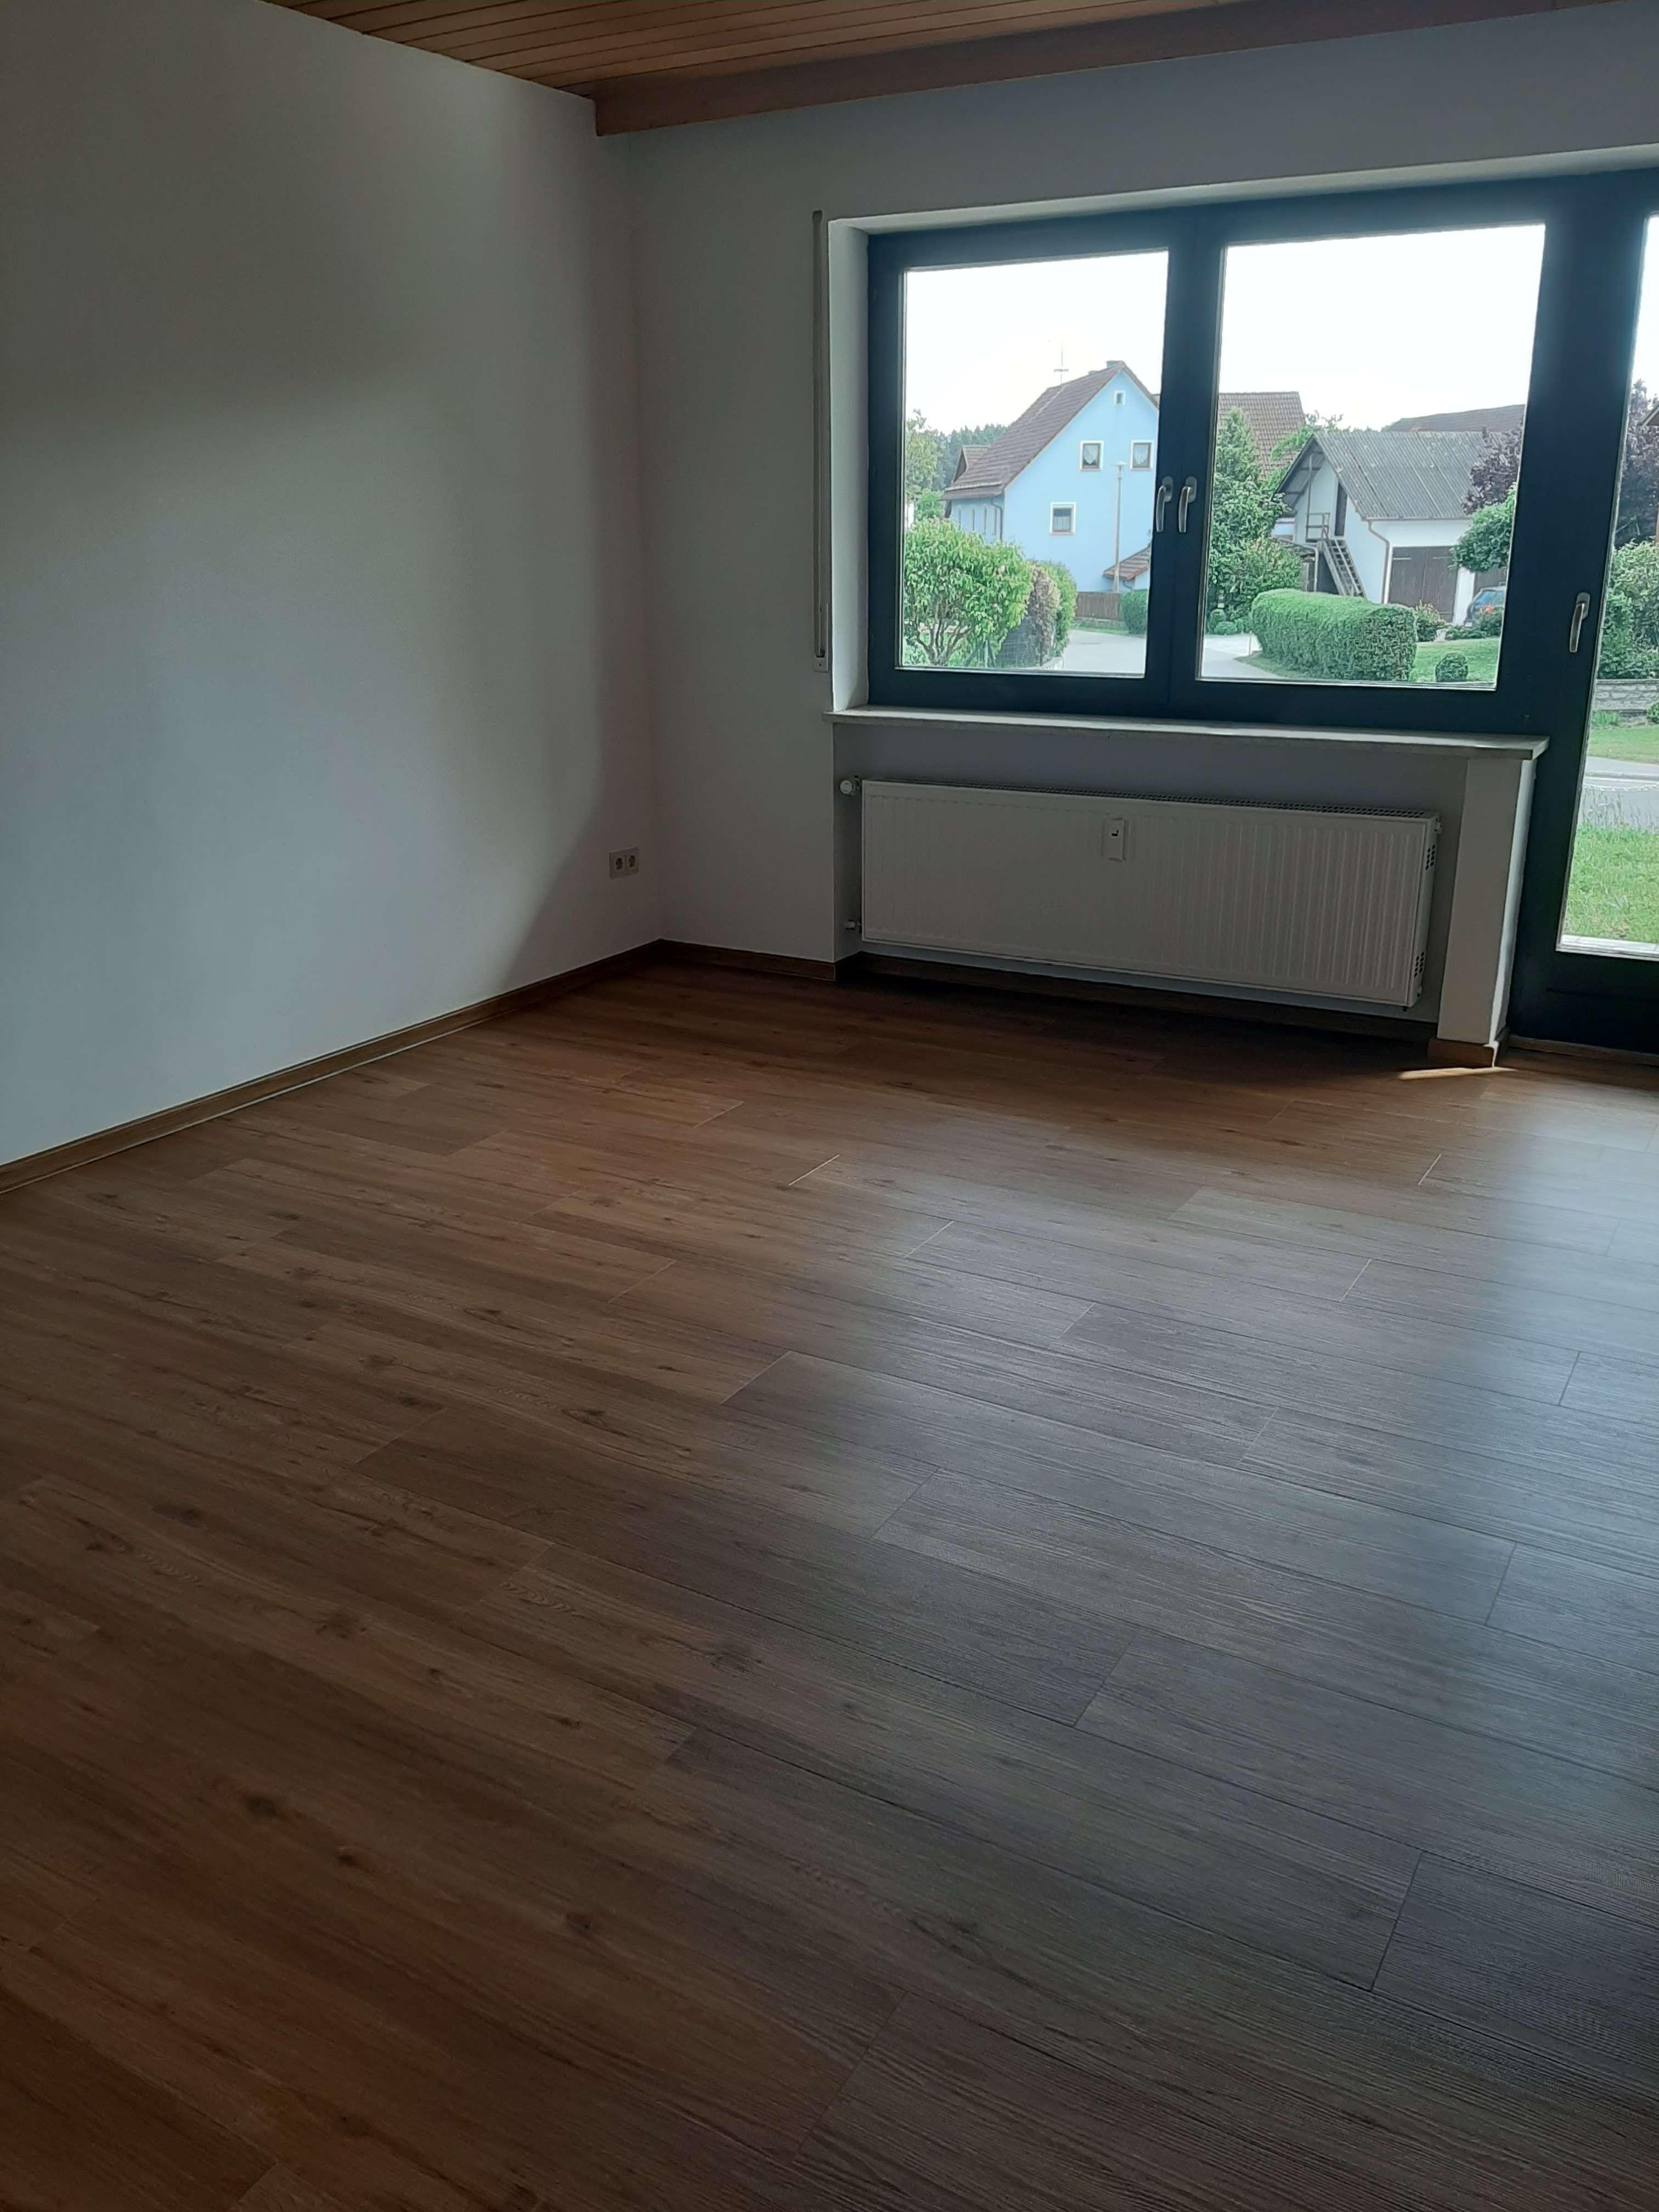 Vollständig renovierte 4-Zimmer-Erdgeschosswohnung mit Balkon in Burglengenfeld OT Lanzenried in